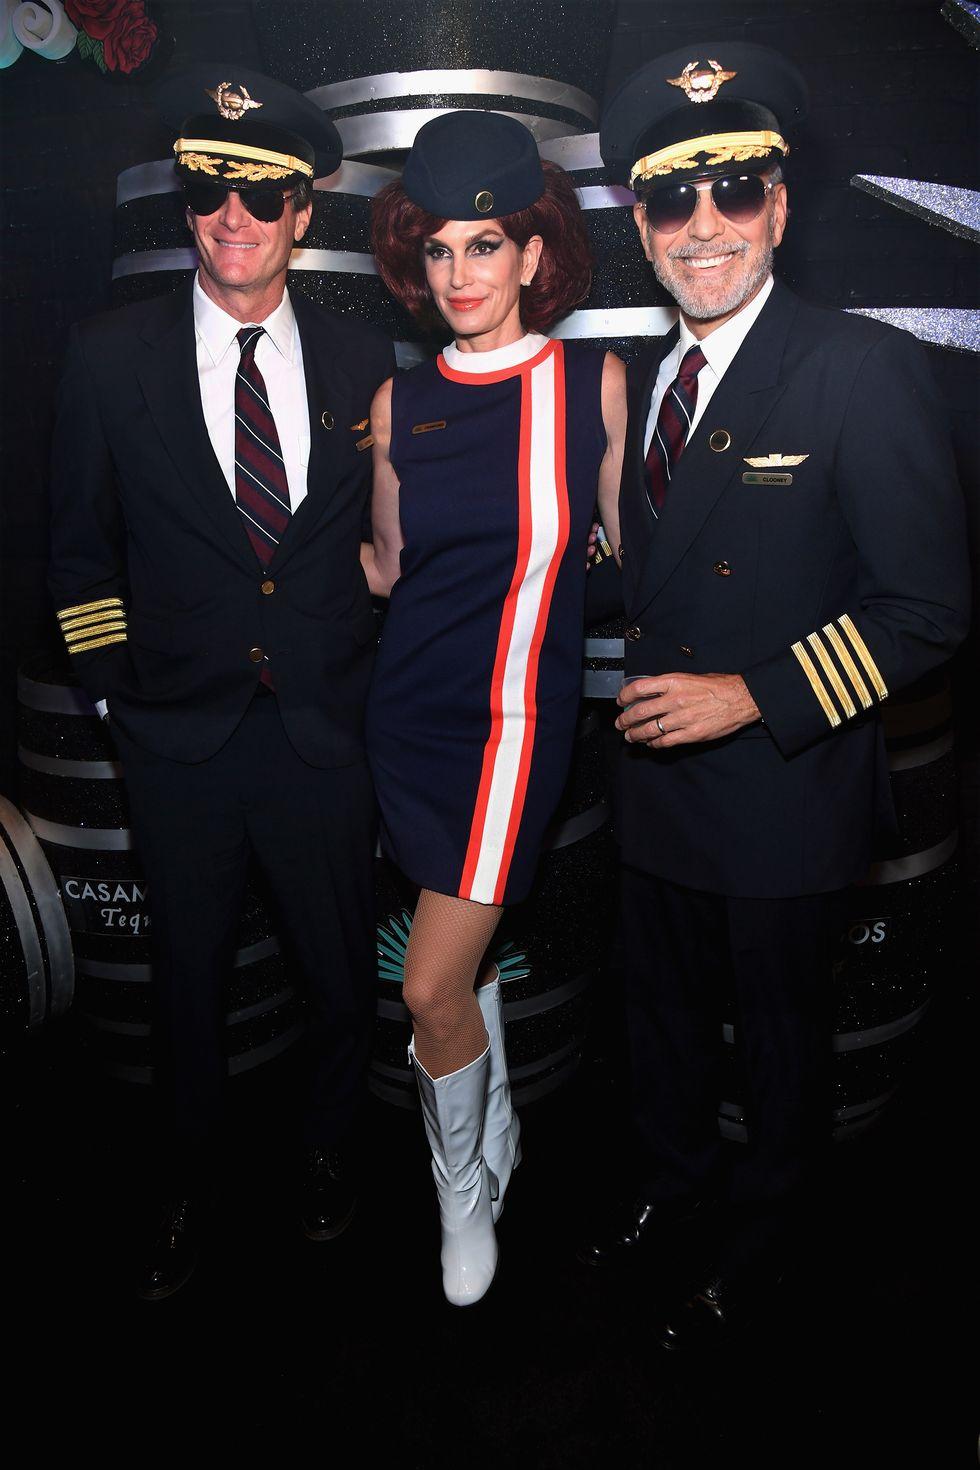 Rande Gerber (Cindy férje), Cindy Crawford és George Clooney mint pilóták és stewie